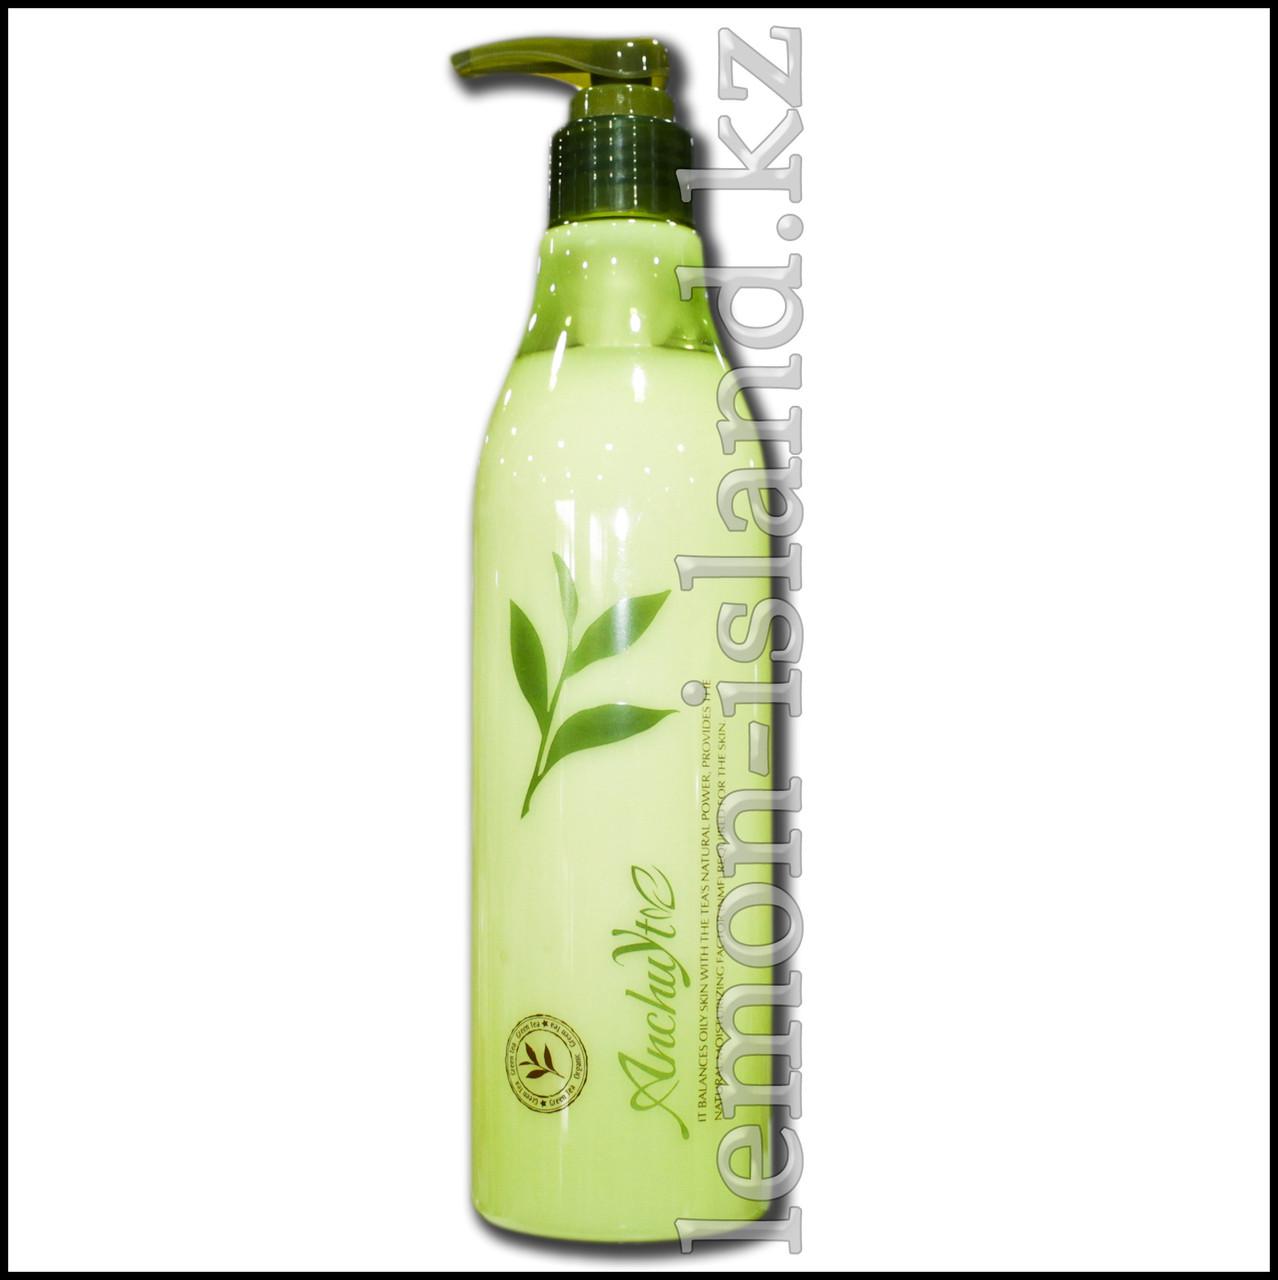 Молочко для тела увлажняющее с экстрактом зелёного чая (Таиланд).